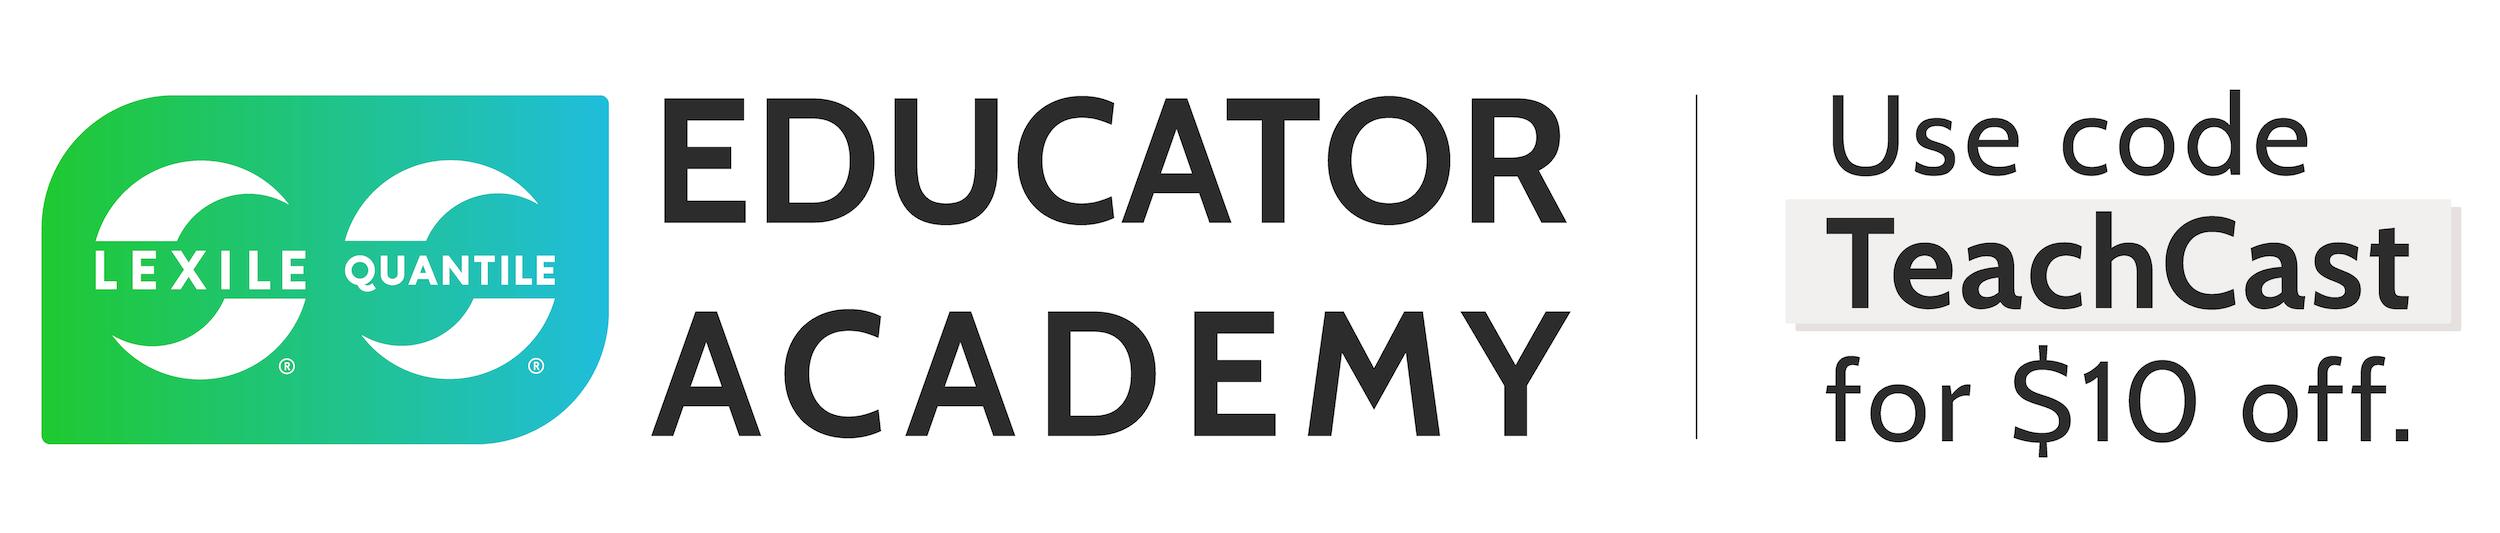 TeacherCast Educator Academy